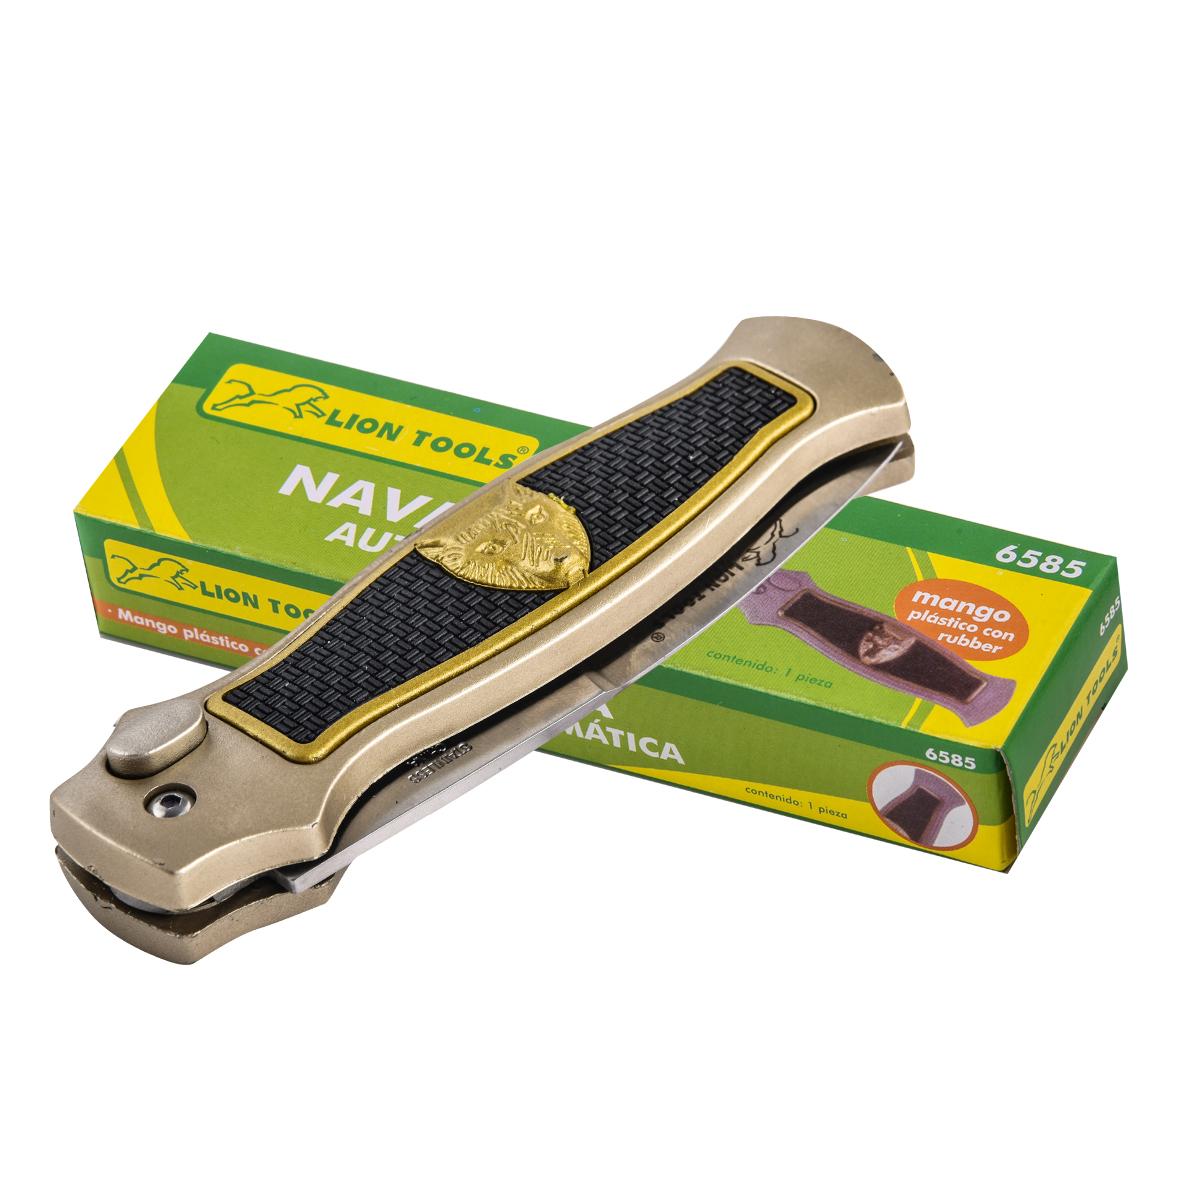 Автоматический кнопочный нож Lion Tools Navaja Automatica 6585 (Мексика)